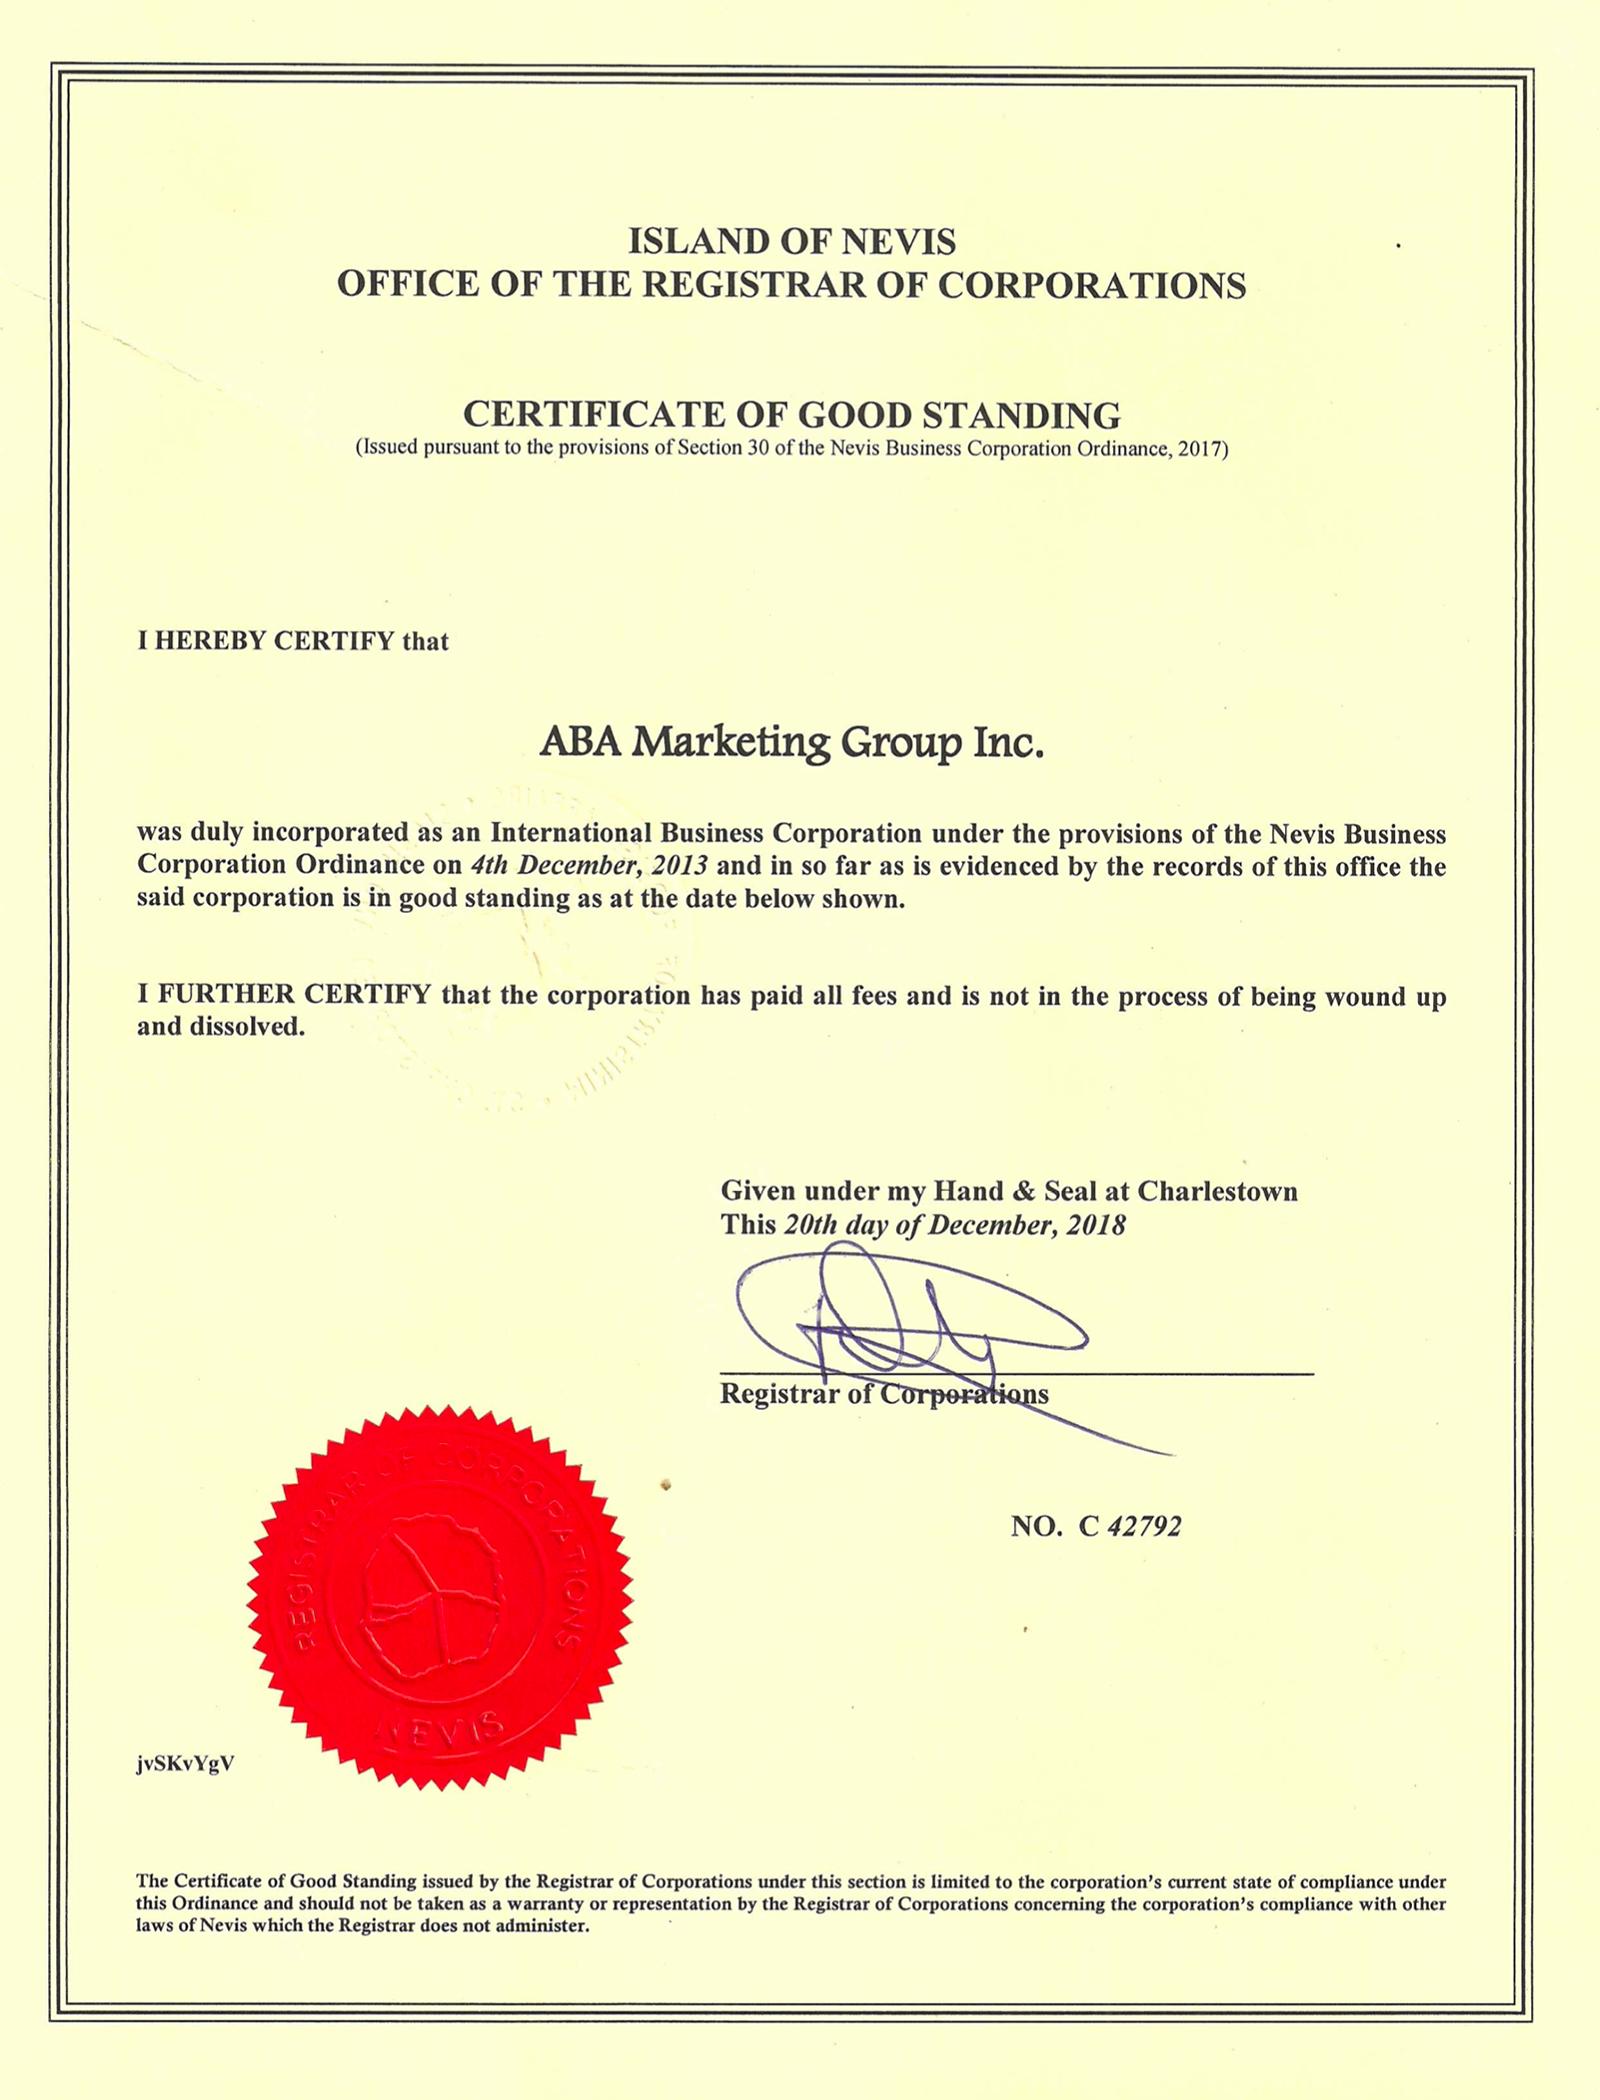 Сертификат благонадежности — certificate of good standing — подтверждает, что компания уплатила все пошлины и сборы, представила необходимые документы, не банкрот и не находится в состоянии слияния, поглощения или ликвидации